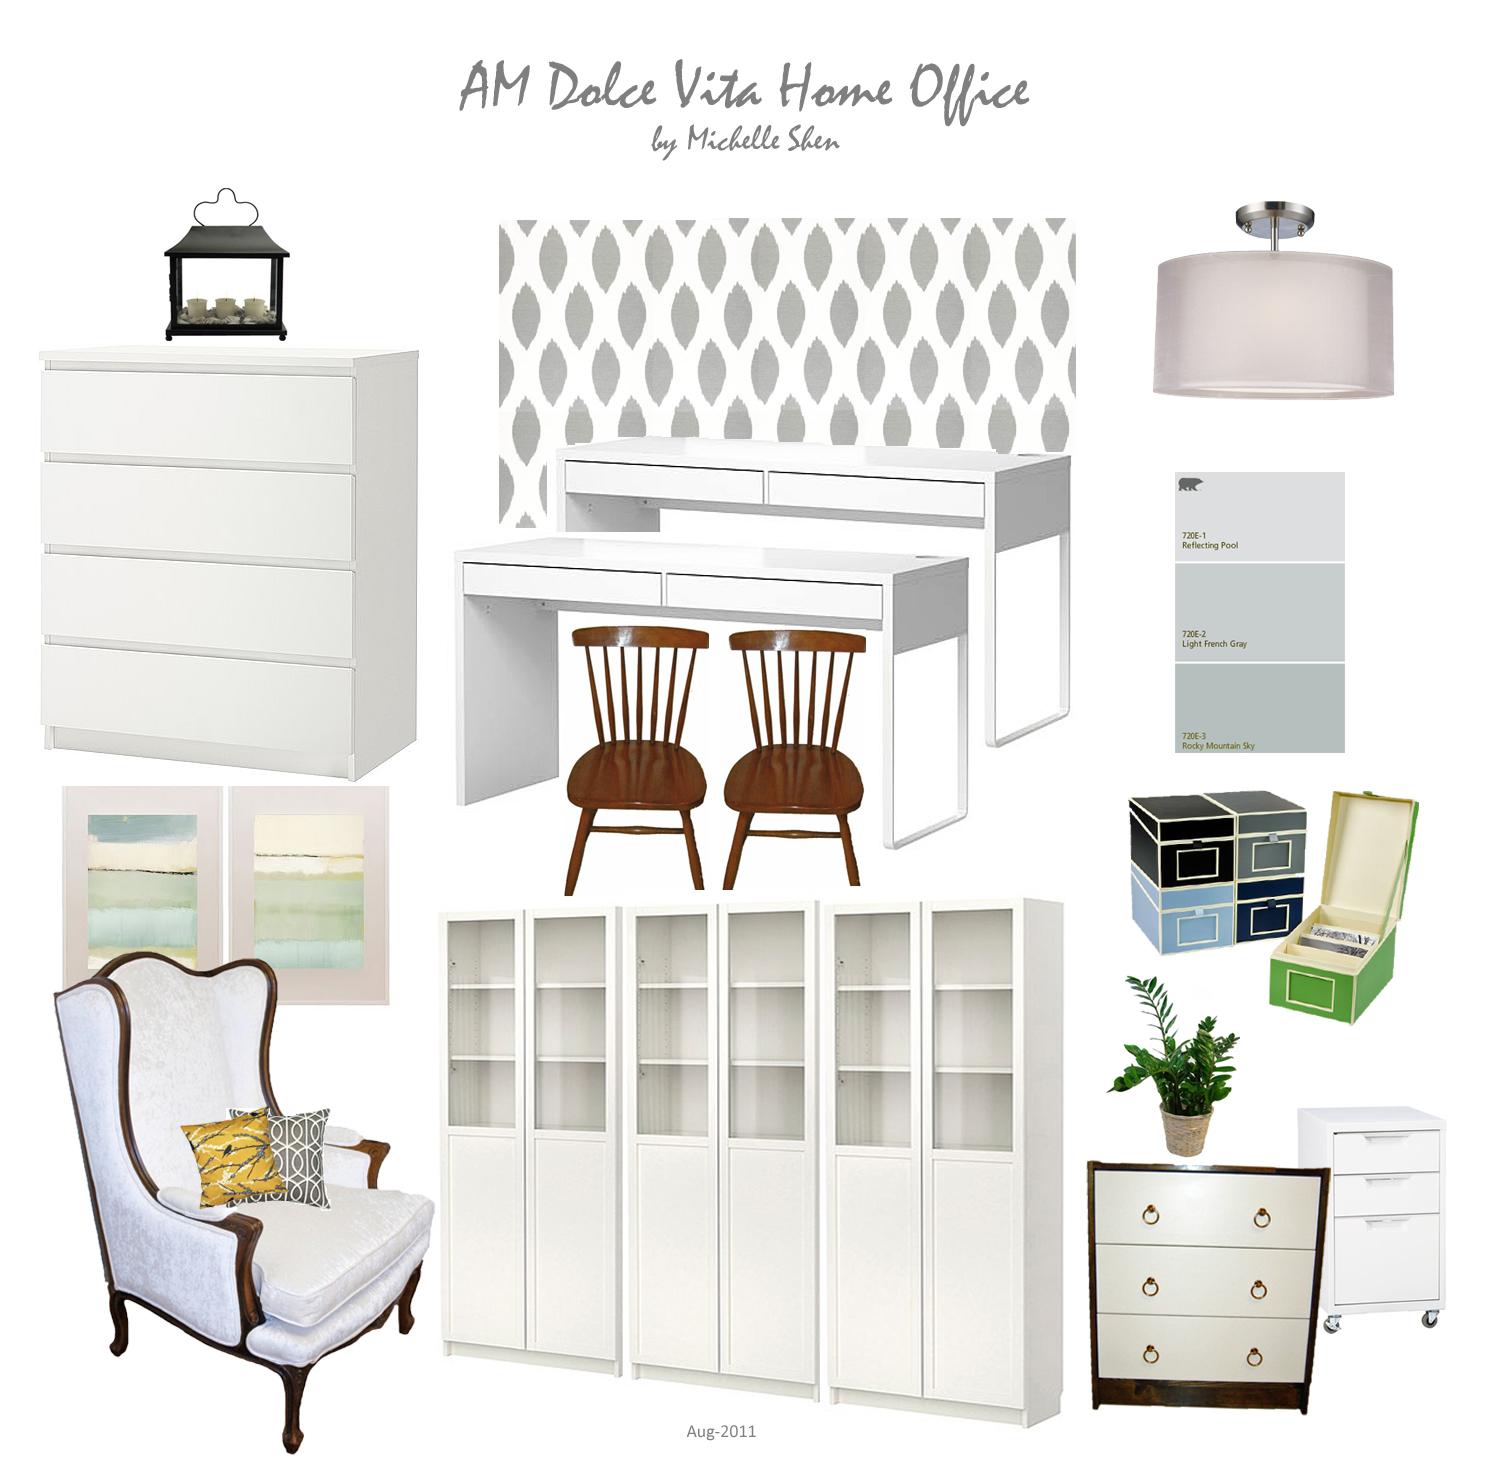 Am Dolce Vita Design Boards